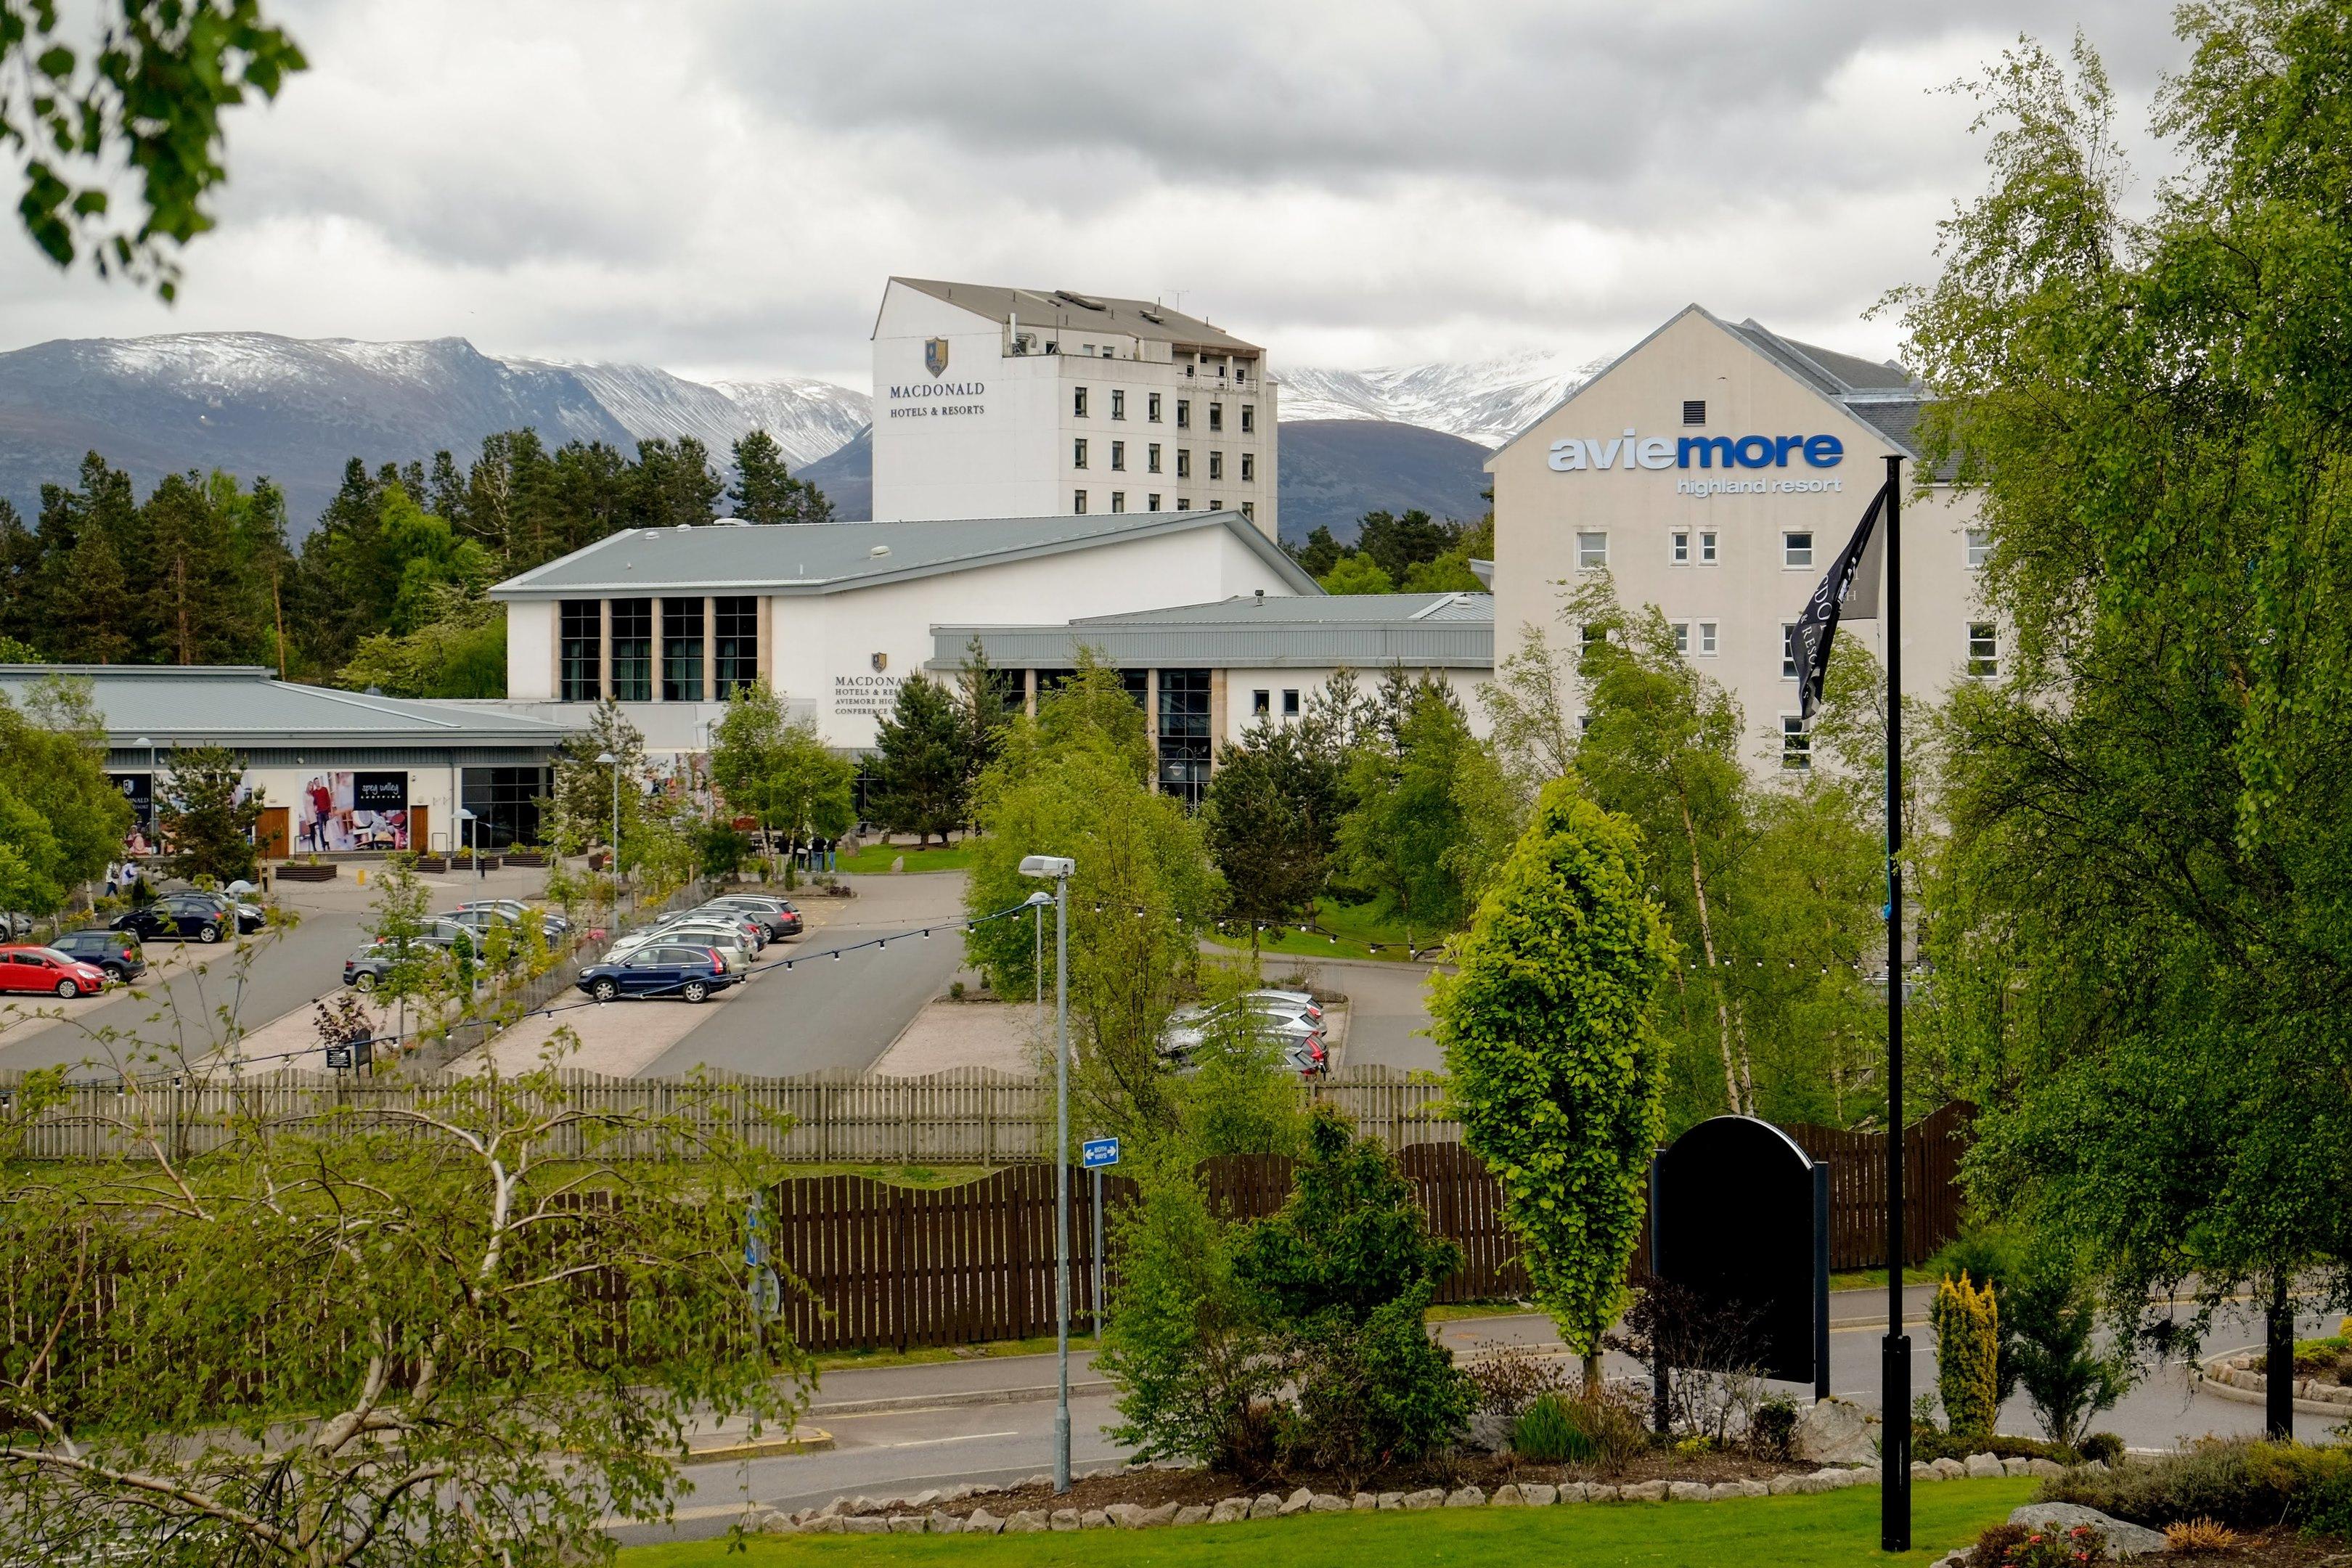 Aviemore Resort Exterior